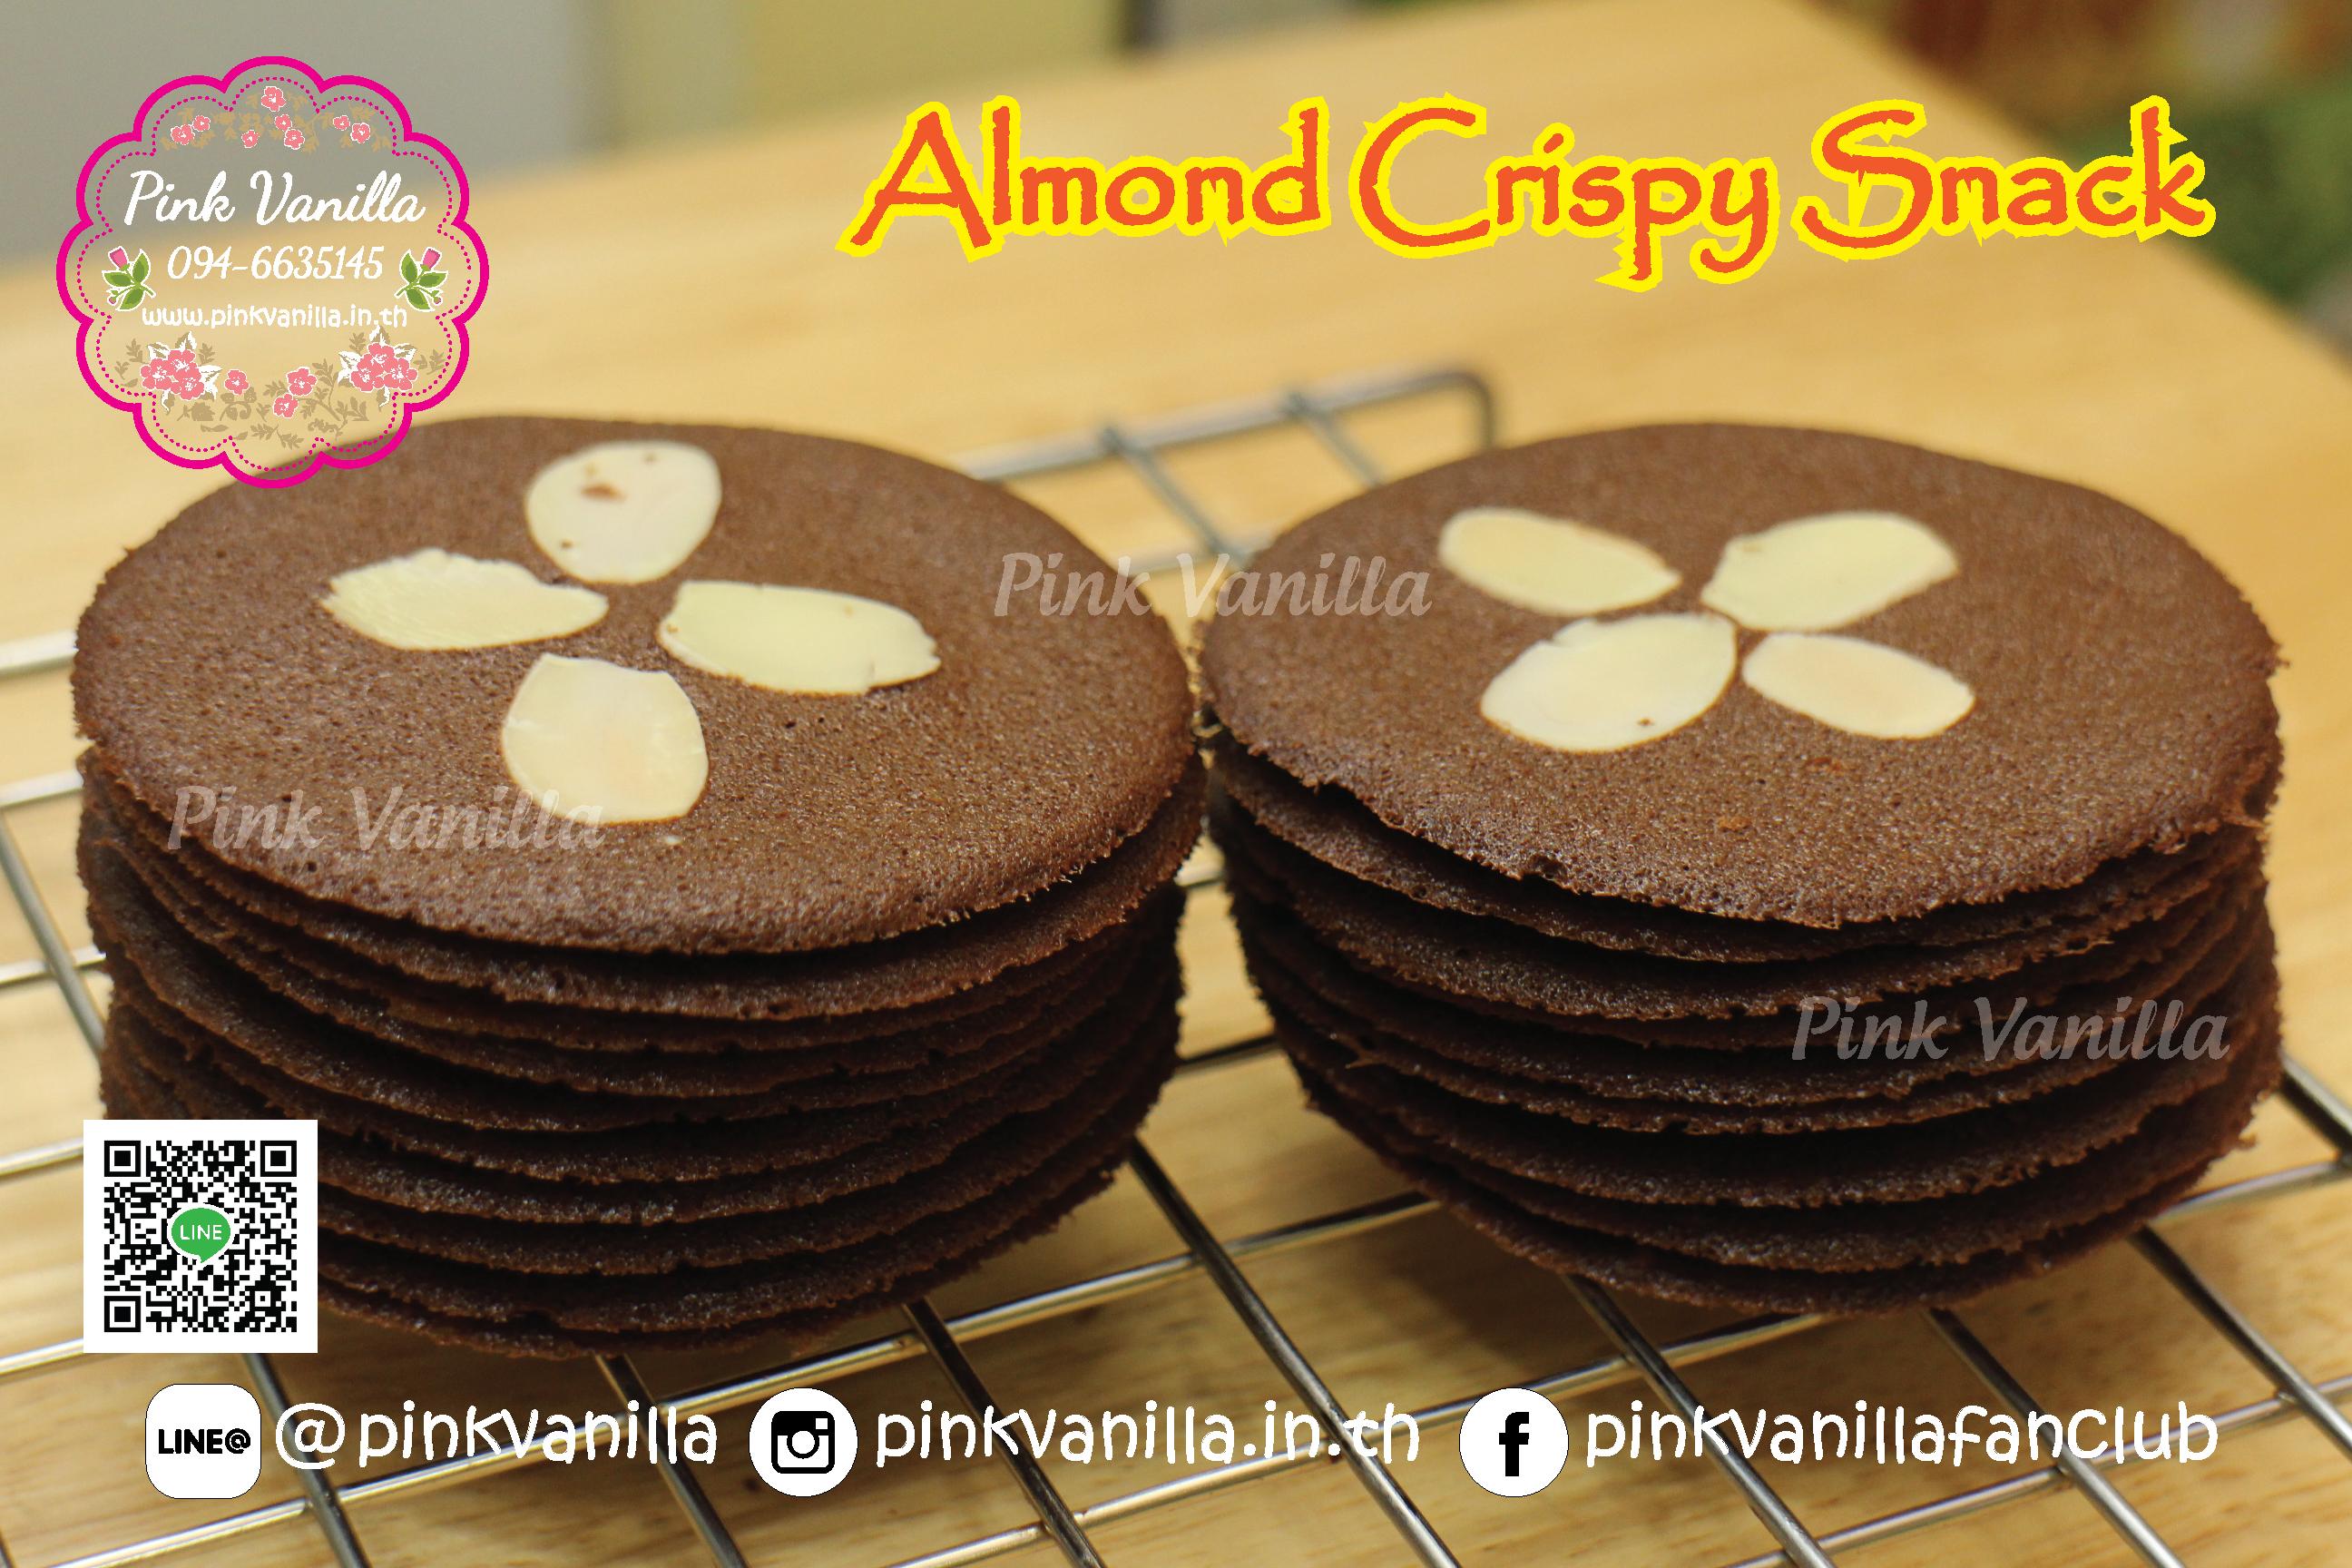 อัลมอนด์ คริสปี้ สแนค (Almond Crispy Snack) ขนมบางกรอบ หน้าอัลมอนด์